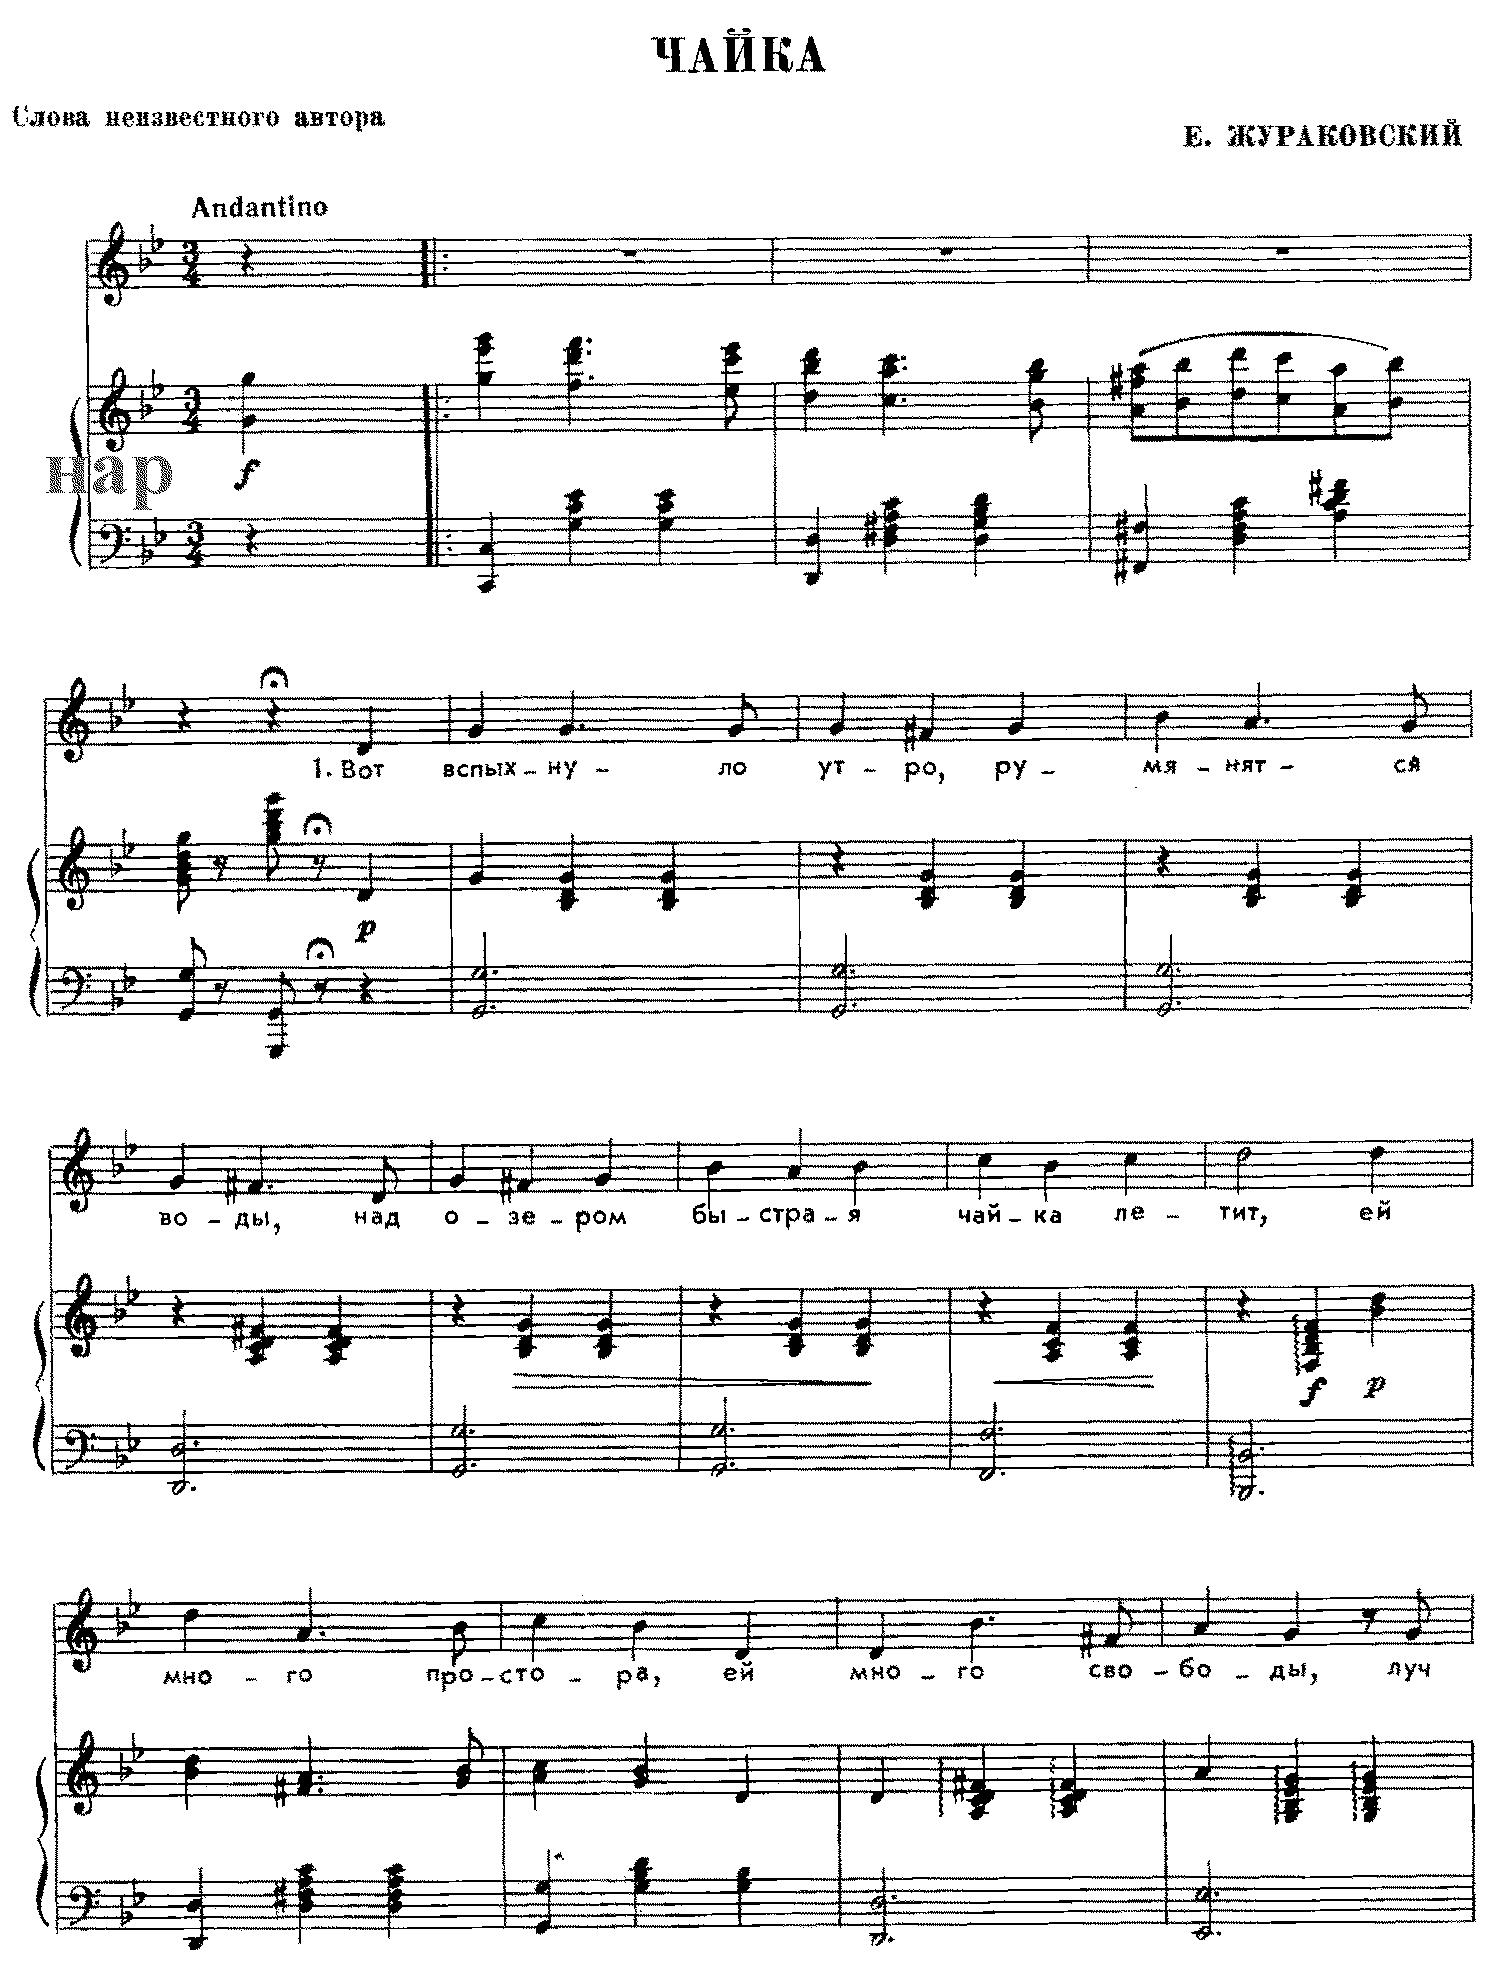 Ноты к песне Чайка